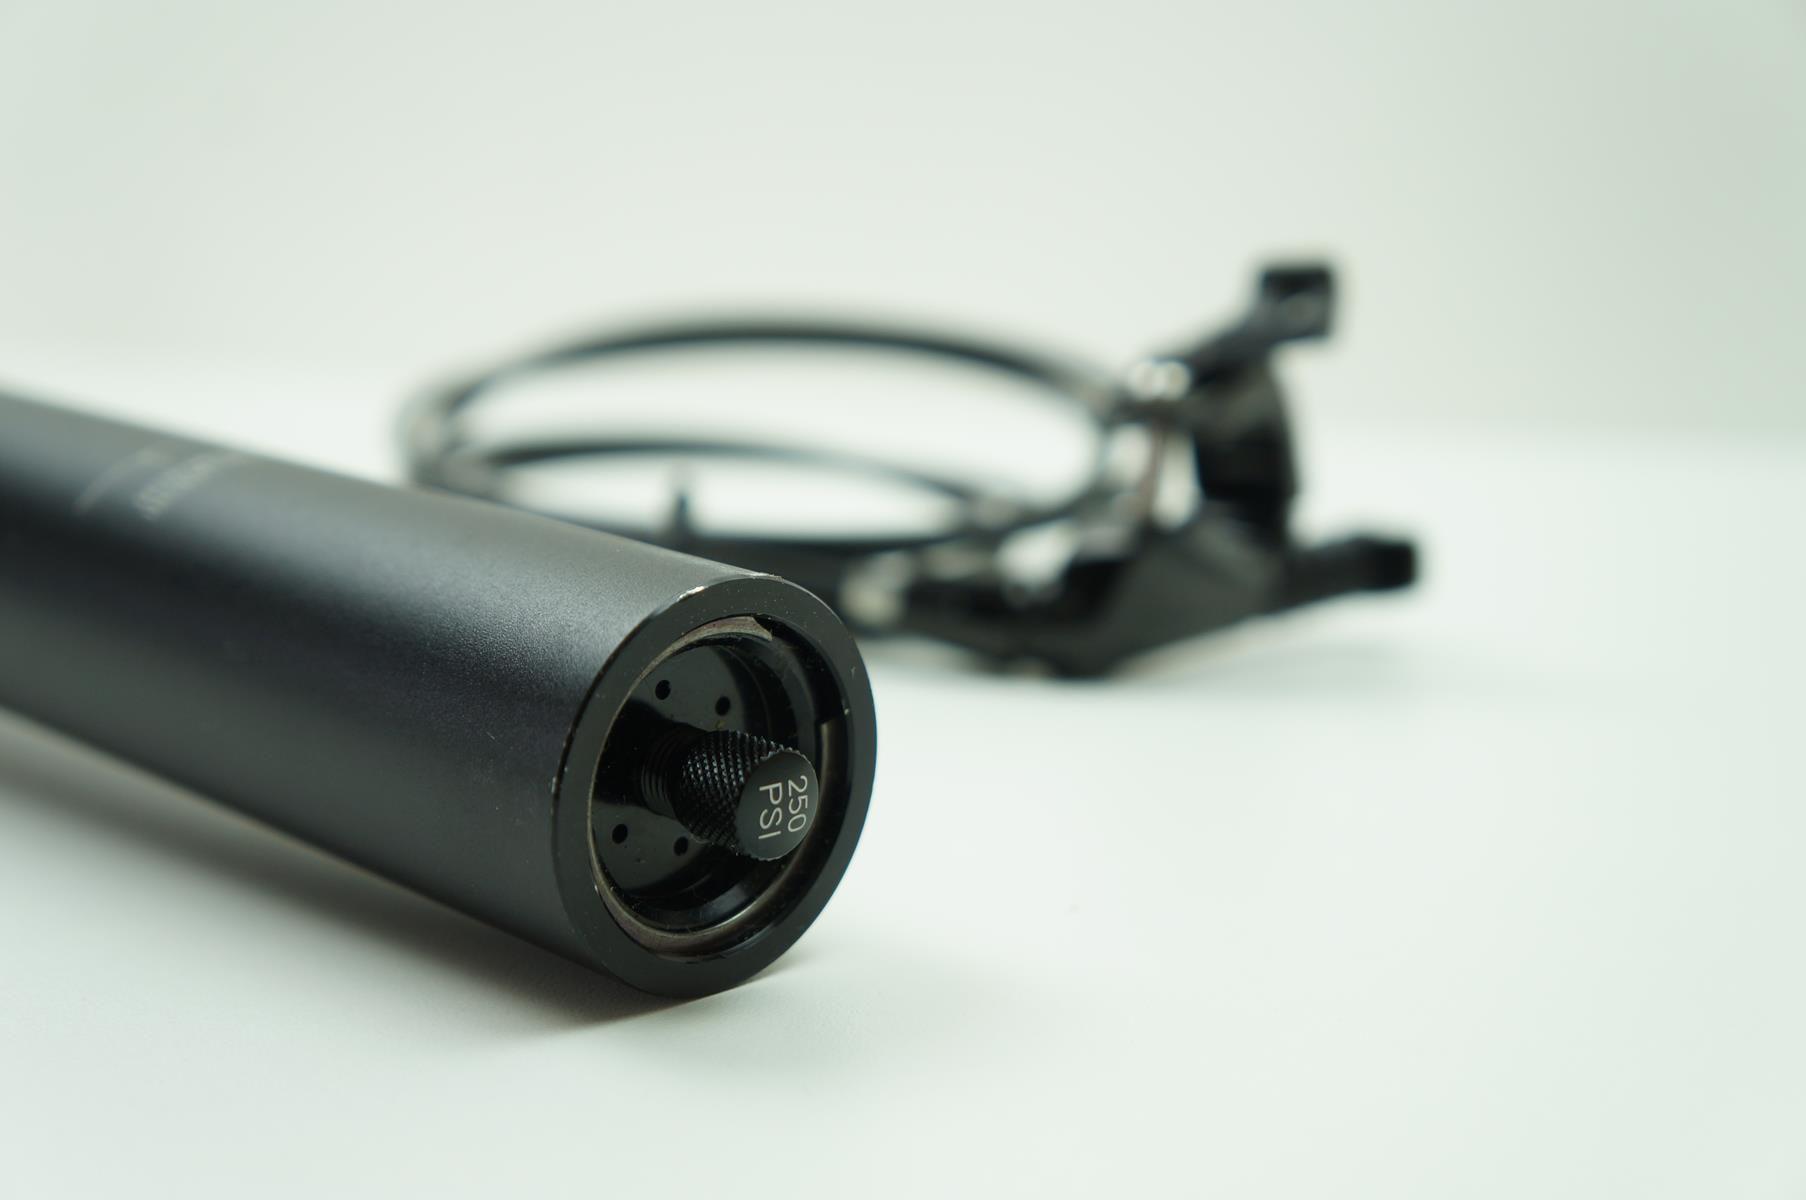 Canote MTB Rock Shox Reverb 34.9 x 390mm Telescópico Retrátil Preto